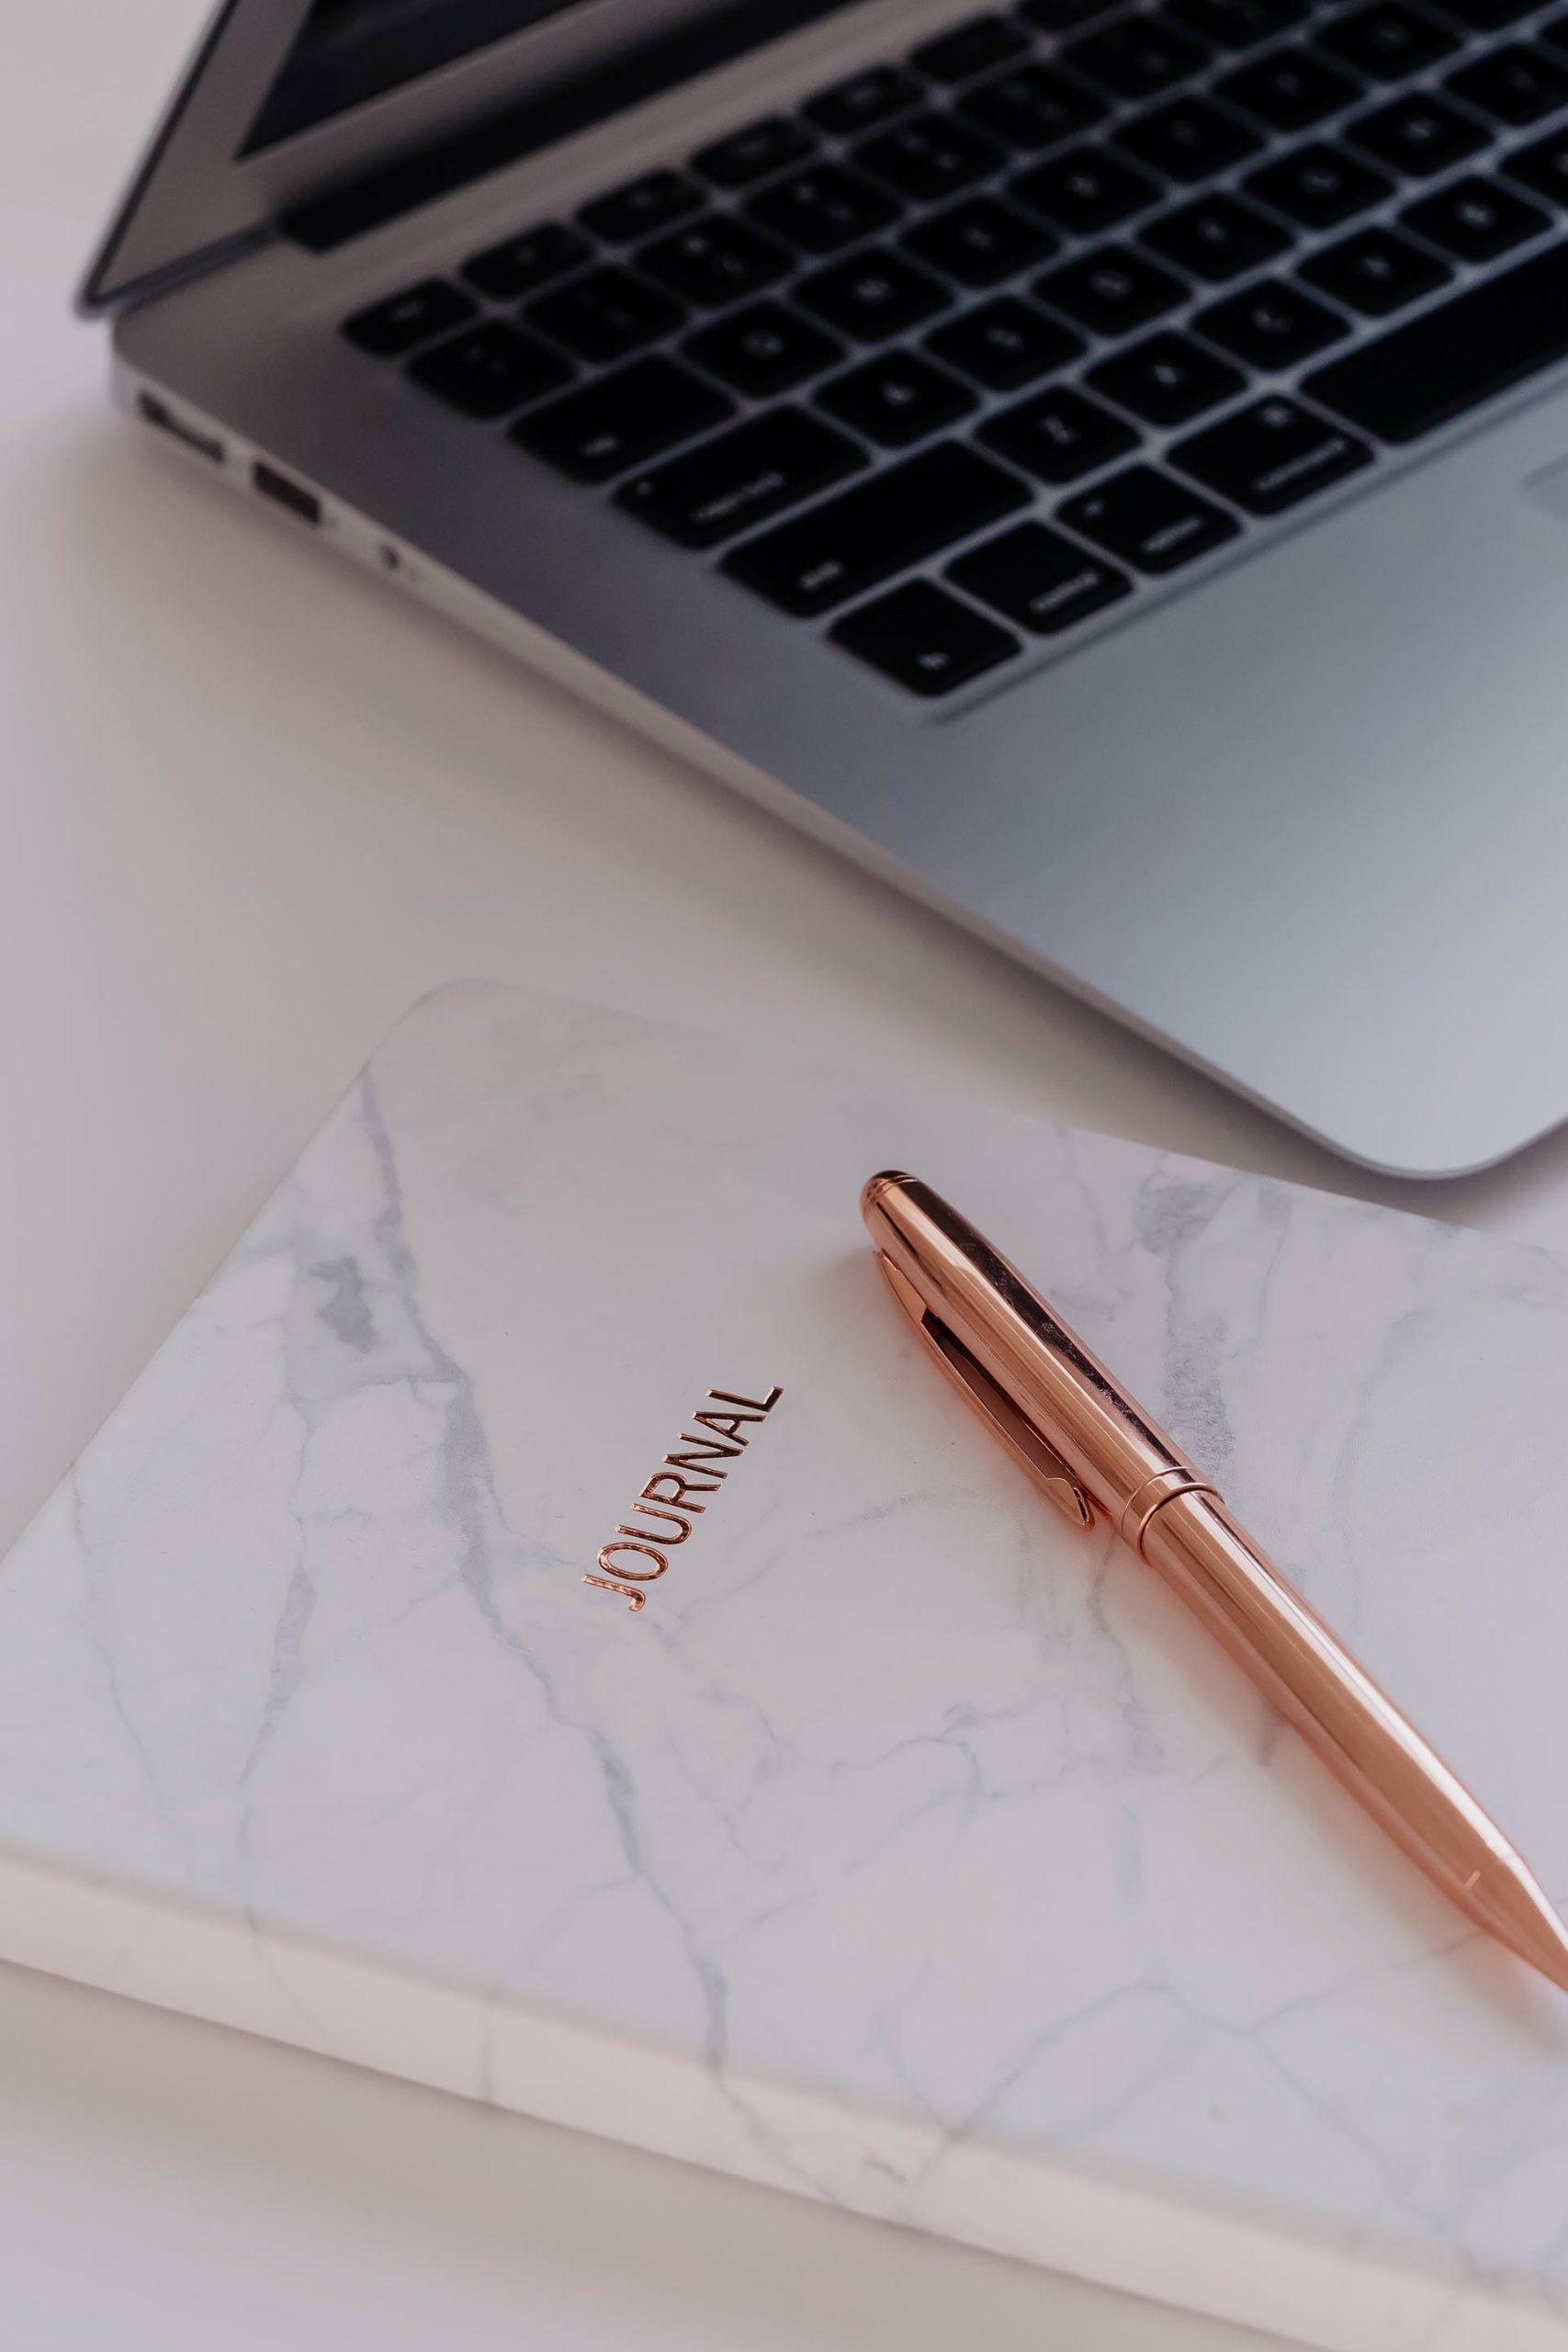 Am Karriere Blog erkläre ich dir, wie du Selbstorganisation lernen und deinen Alltag mit der optimalen To-do-Liste und dem richtigen Zeitmanagement effizient strukturieren kannst. www.whoismocca.com #selbstorganisation #todo